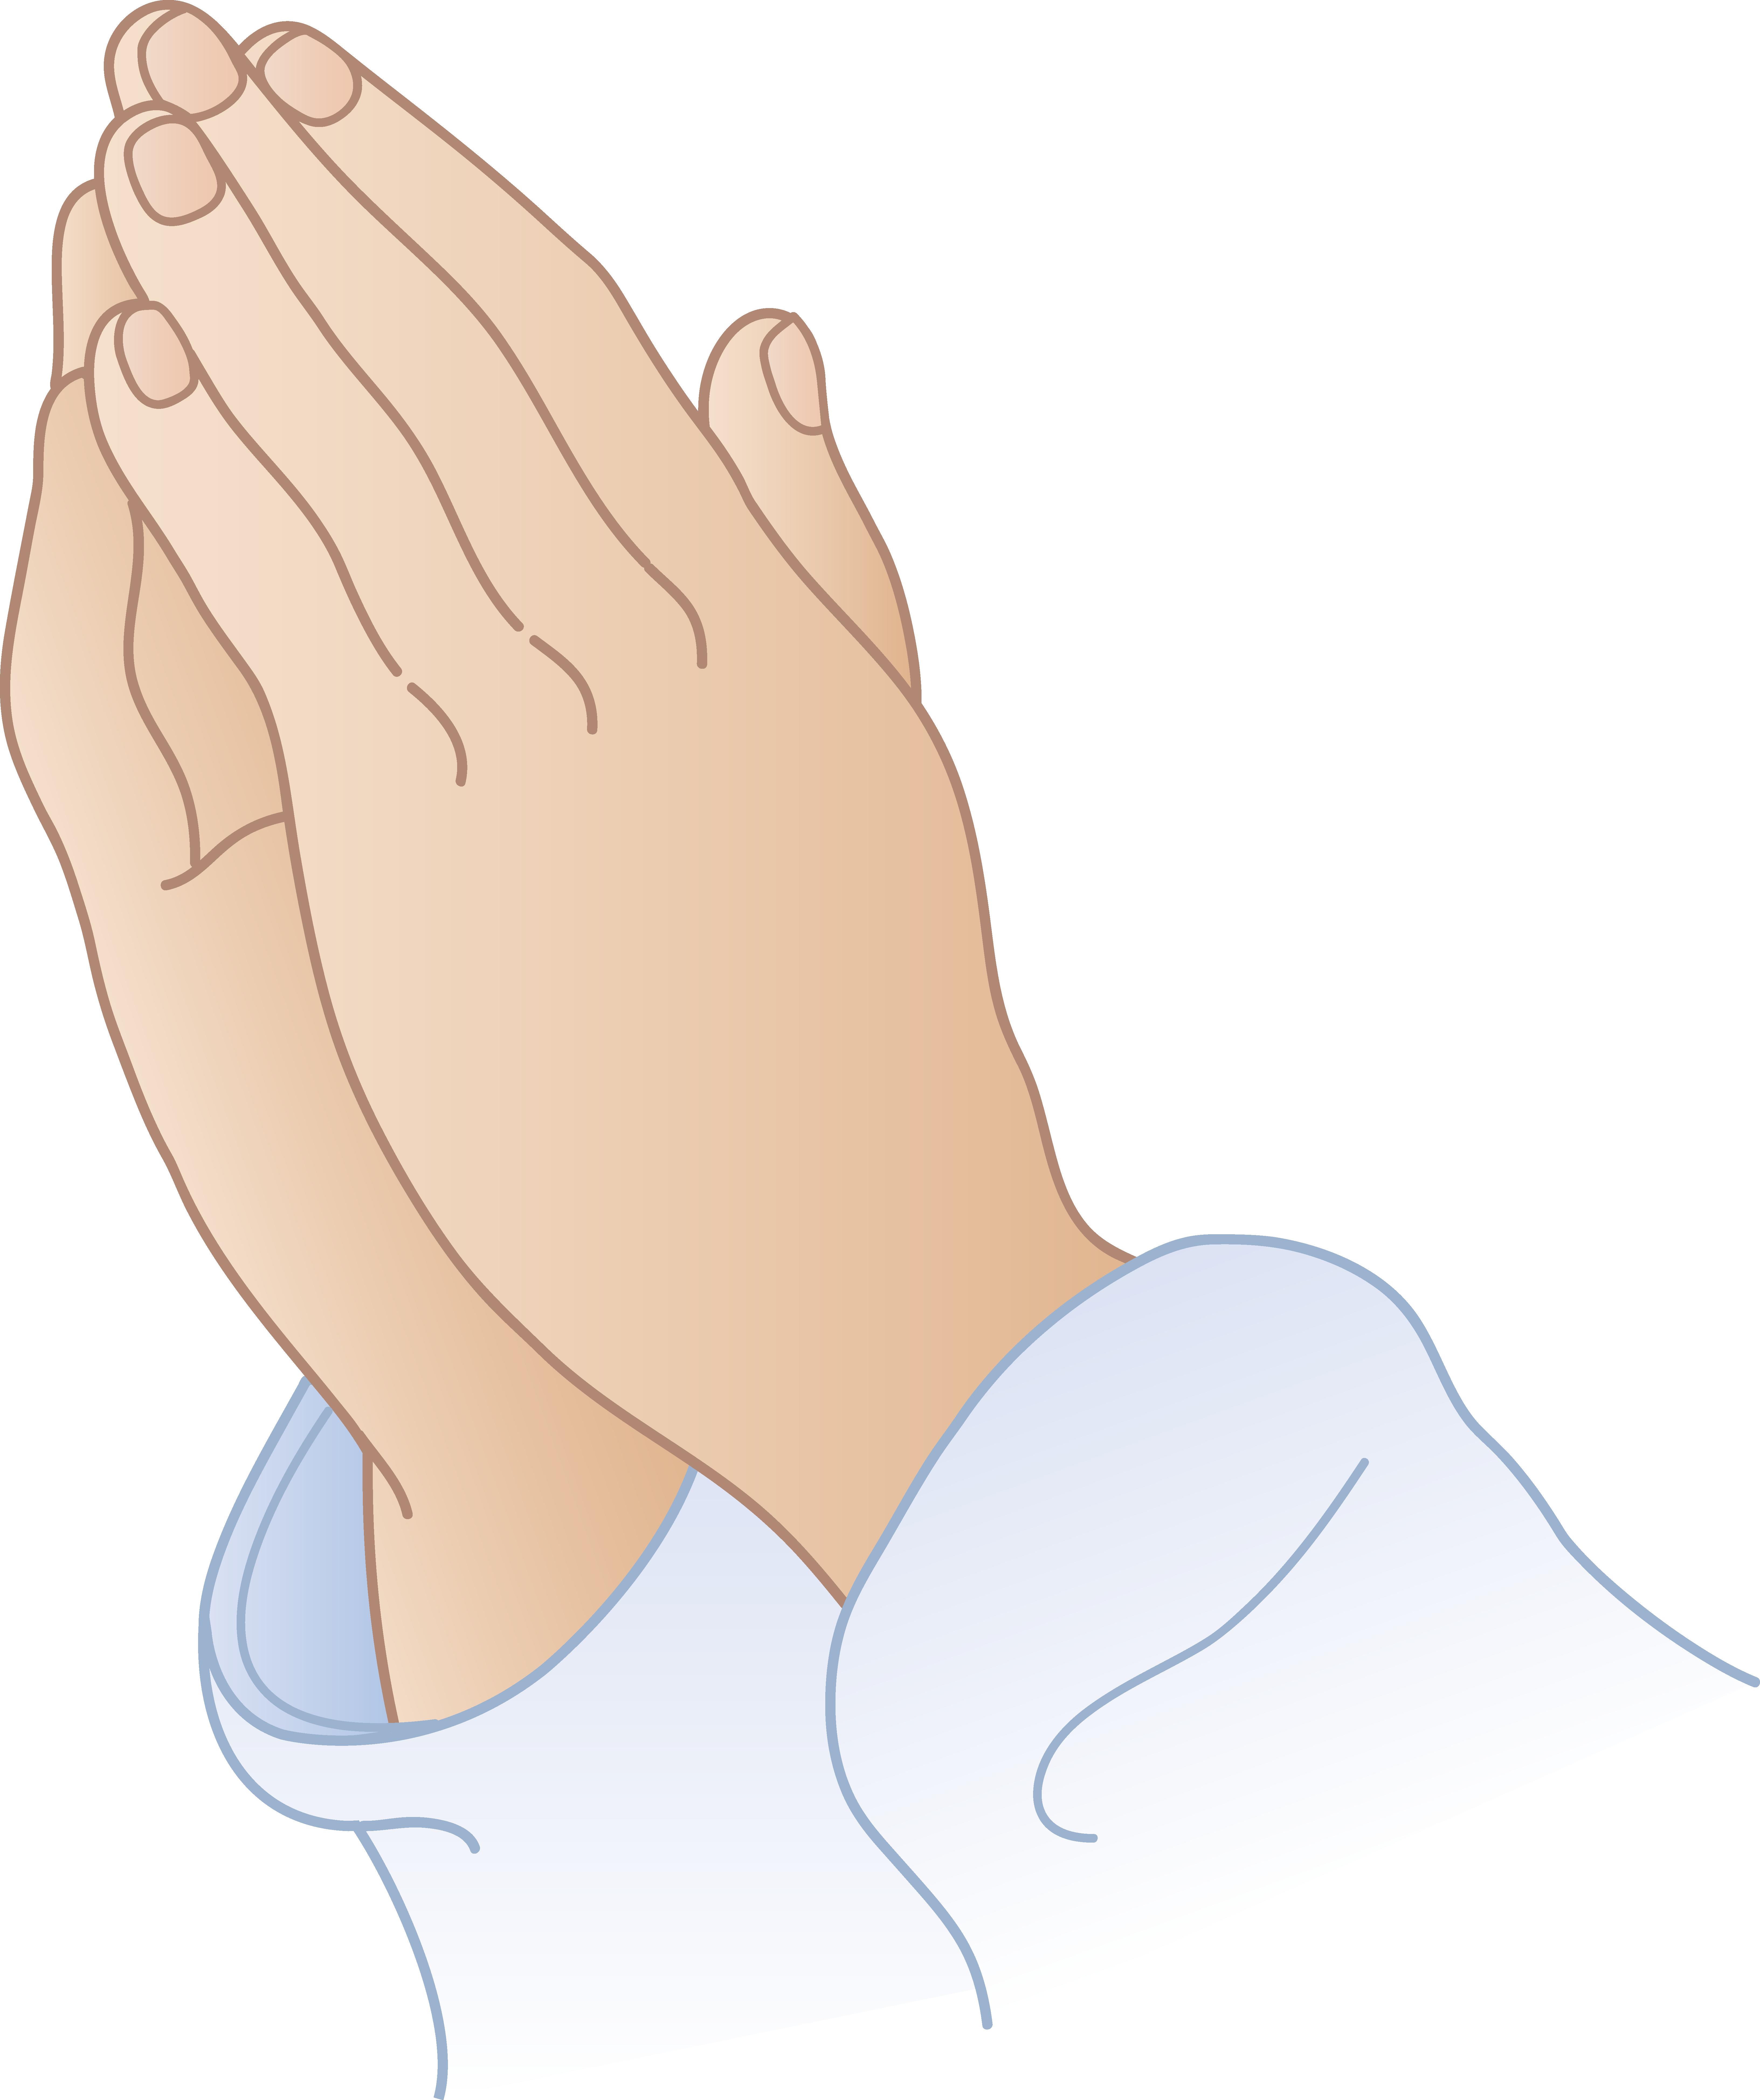 Clipart hand prayer. Praying hands clip art